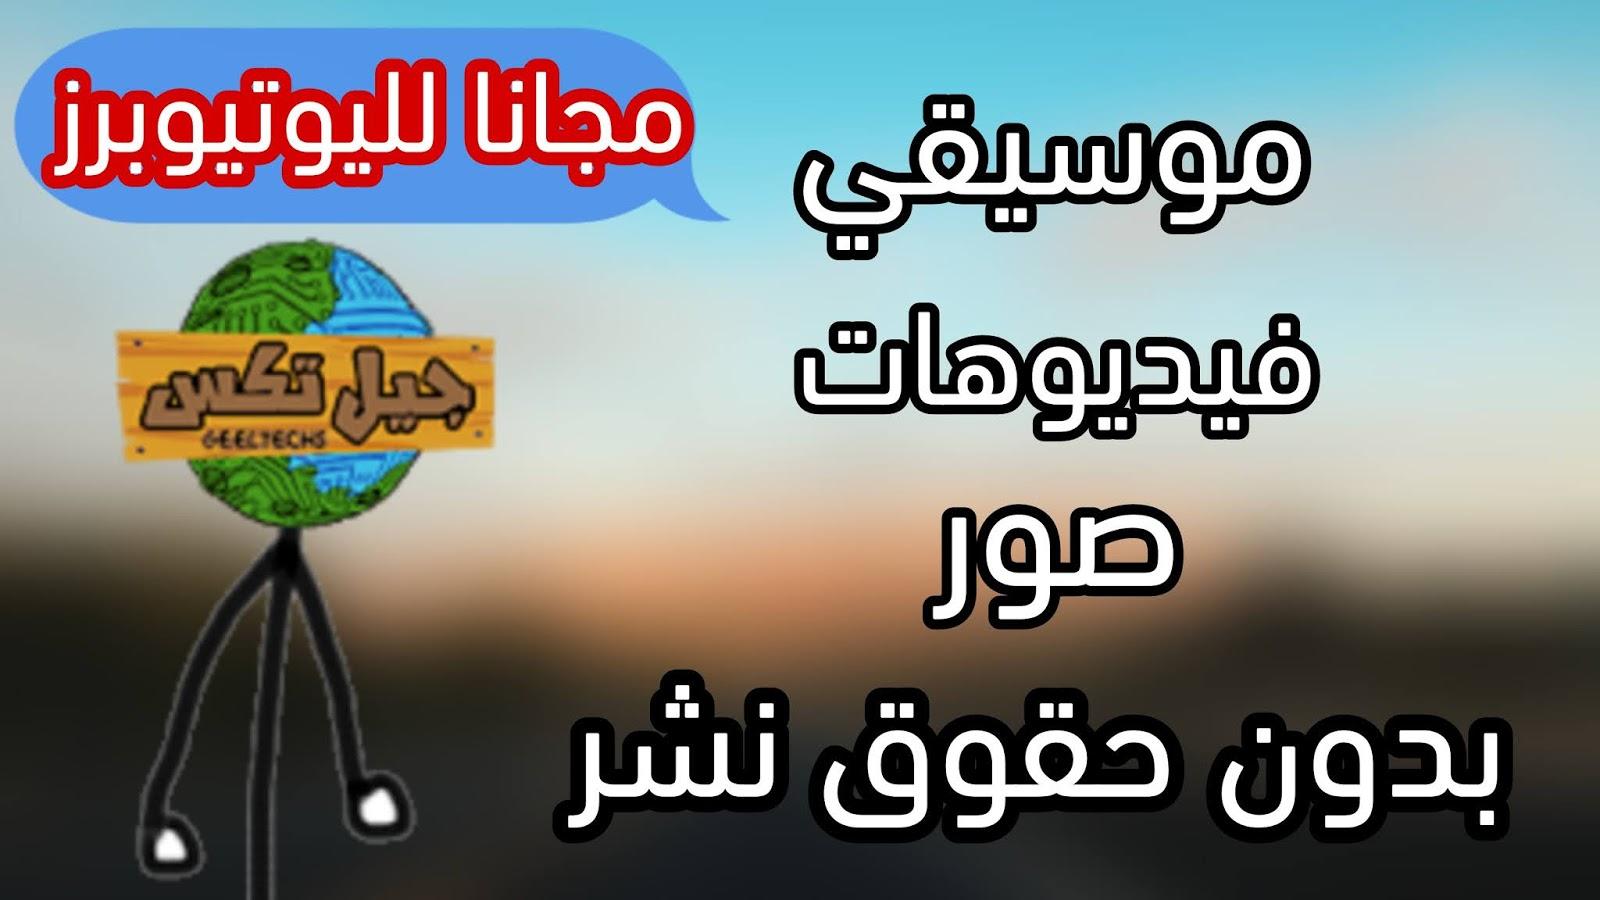 افضل 10 مواقع للموسيقي والفيديو والصور بدون حقوق نشر وملكية - الموقع السابع والثامن خرافه